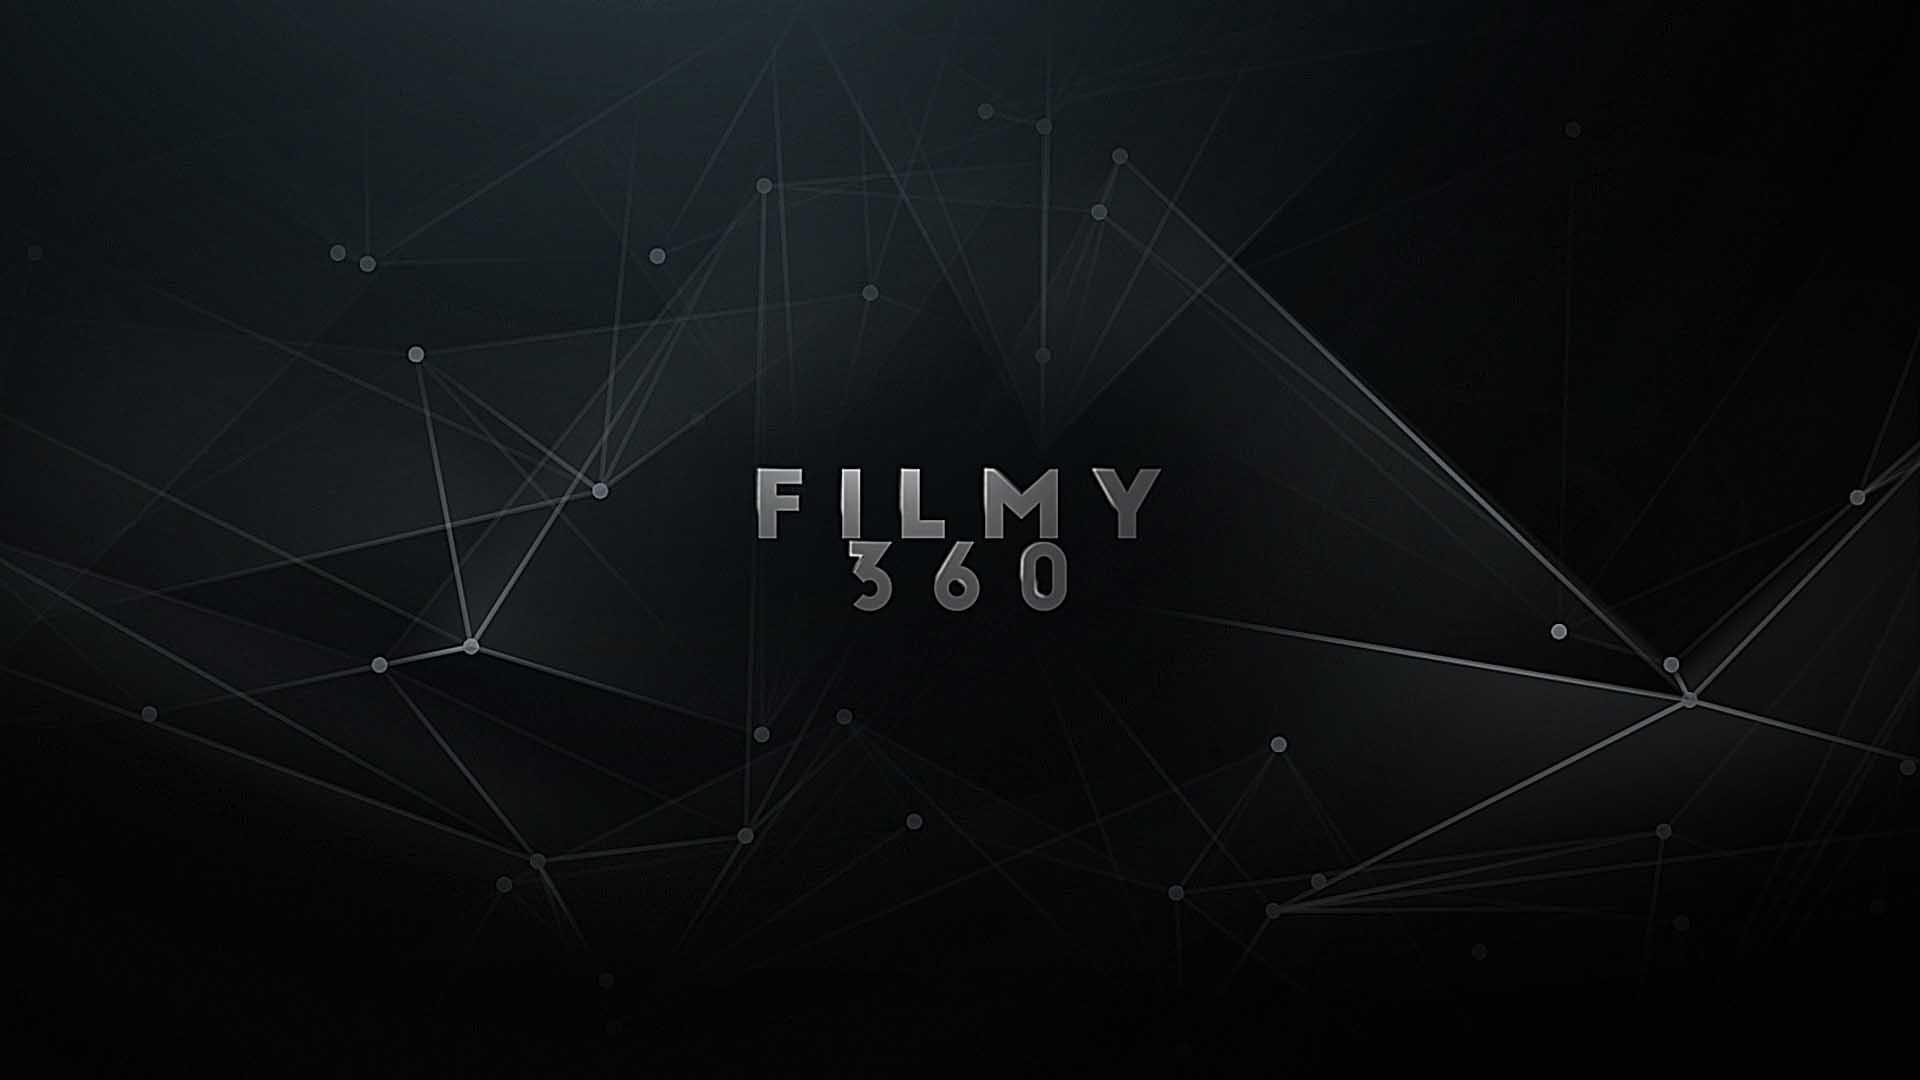 filmy 360 epicvr